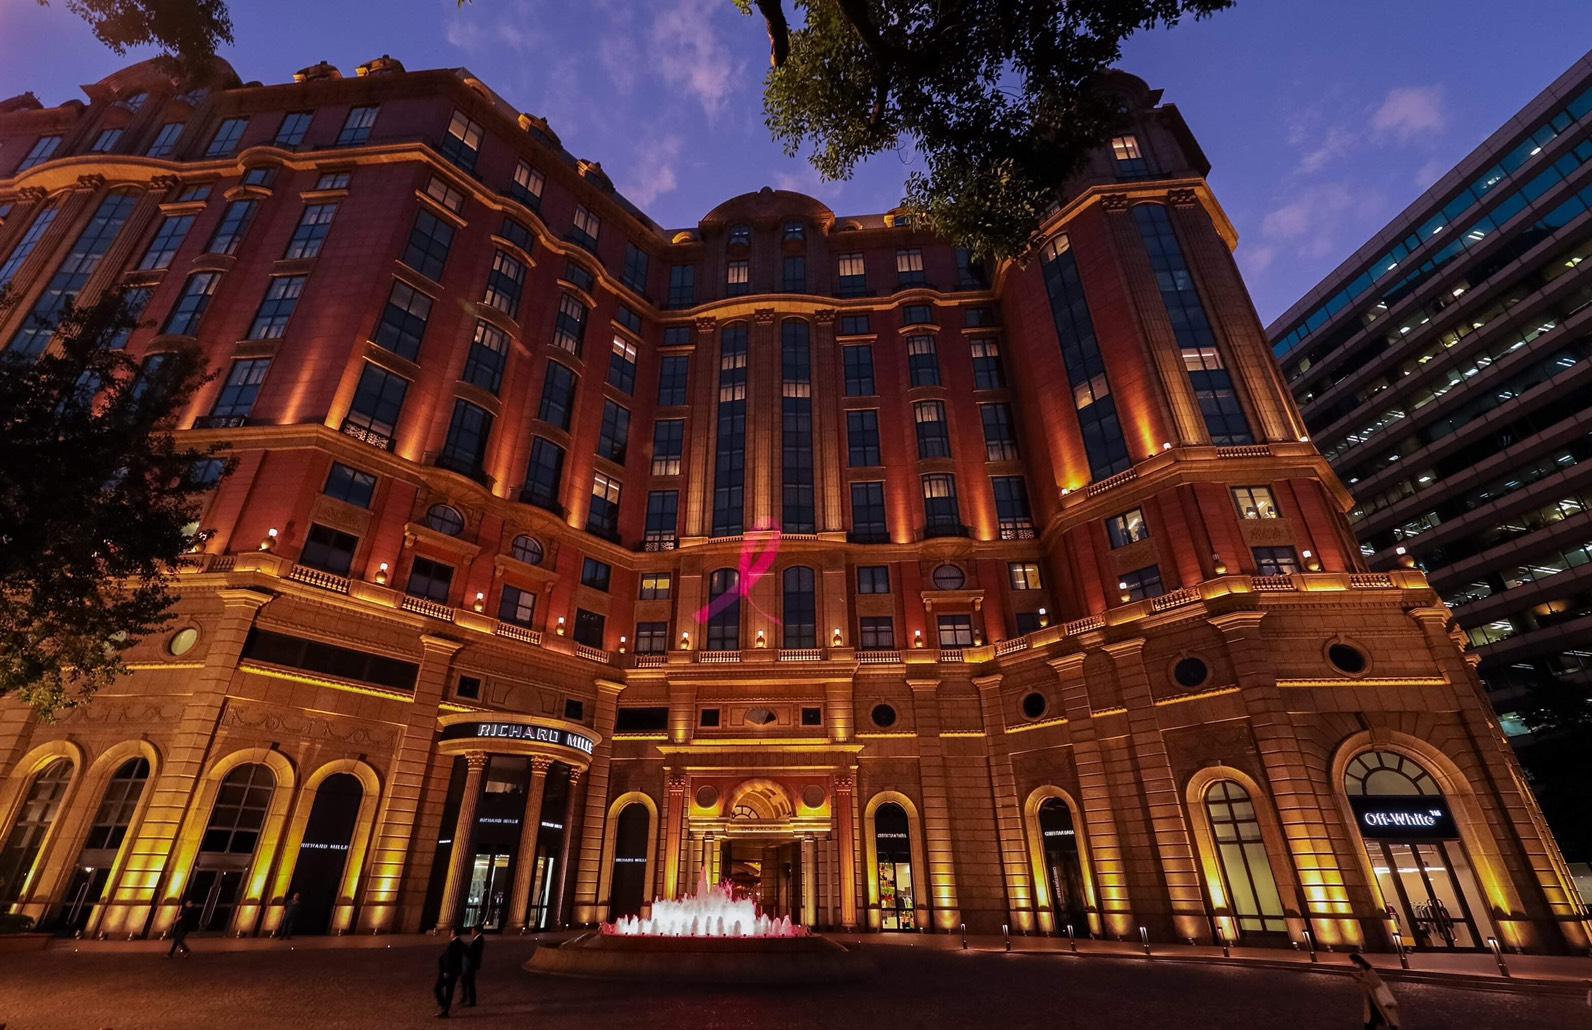 撐不到6/7解封了! 文華東方酒店資遣半數員工 暫停接受訂房